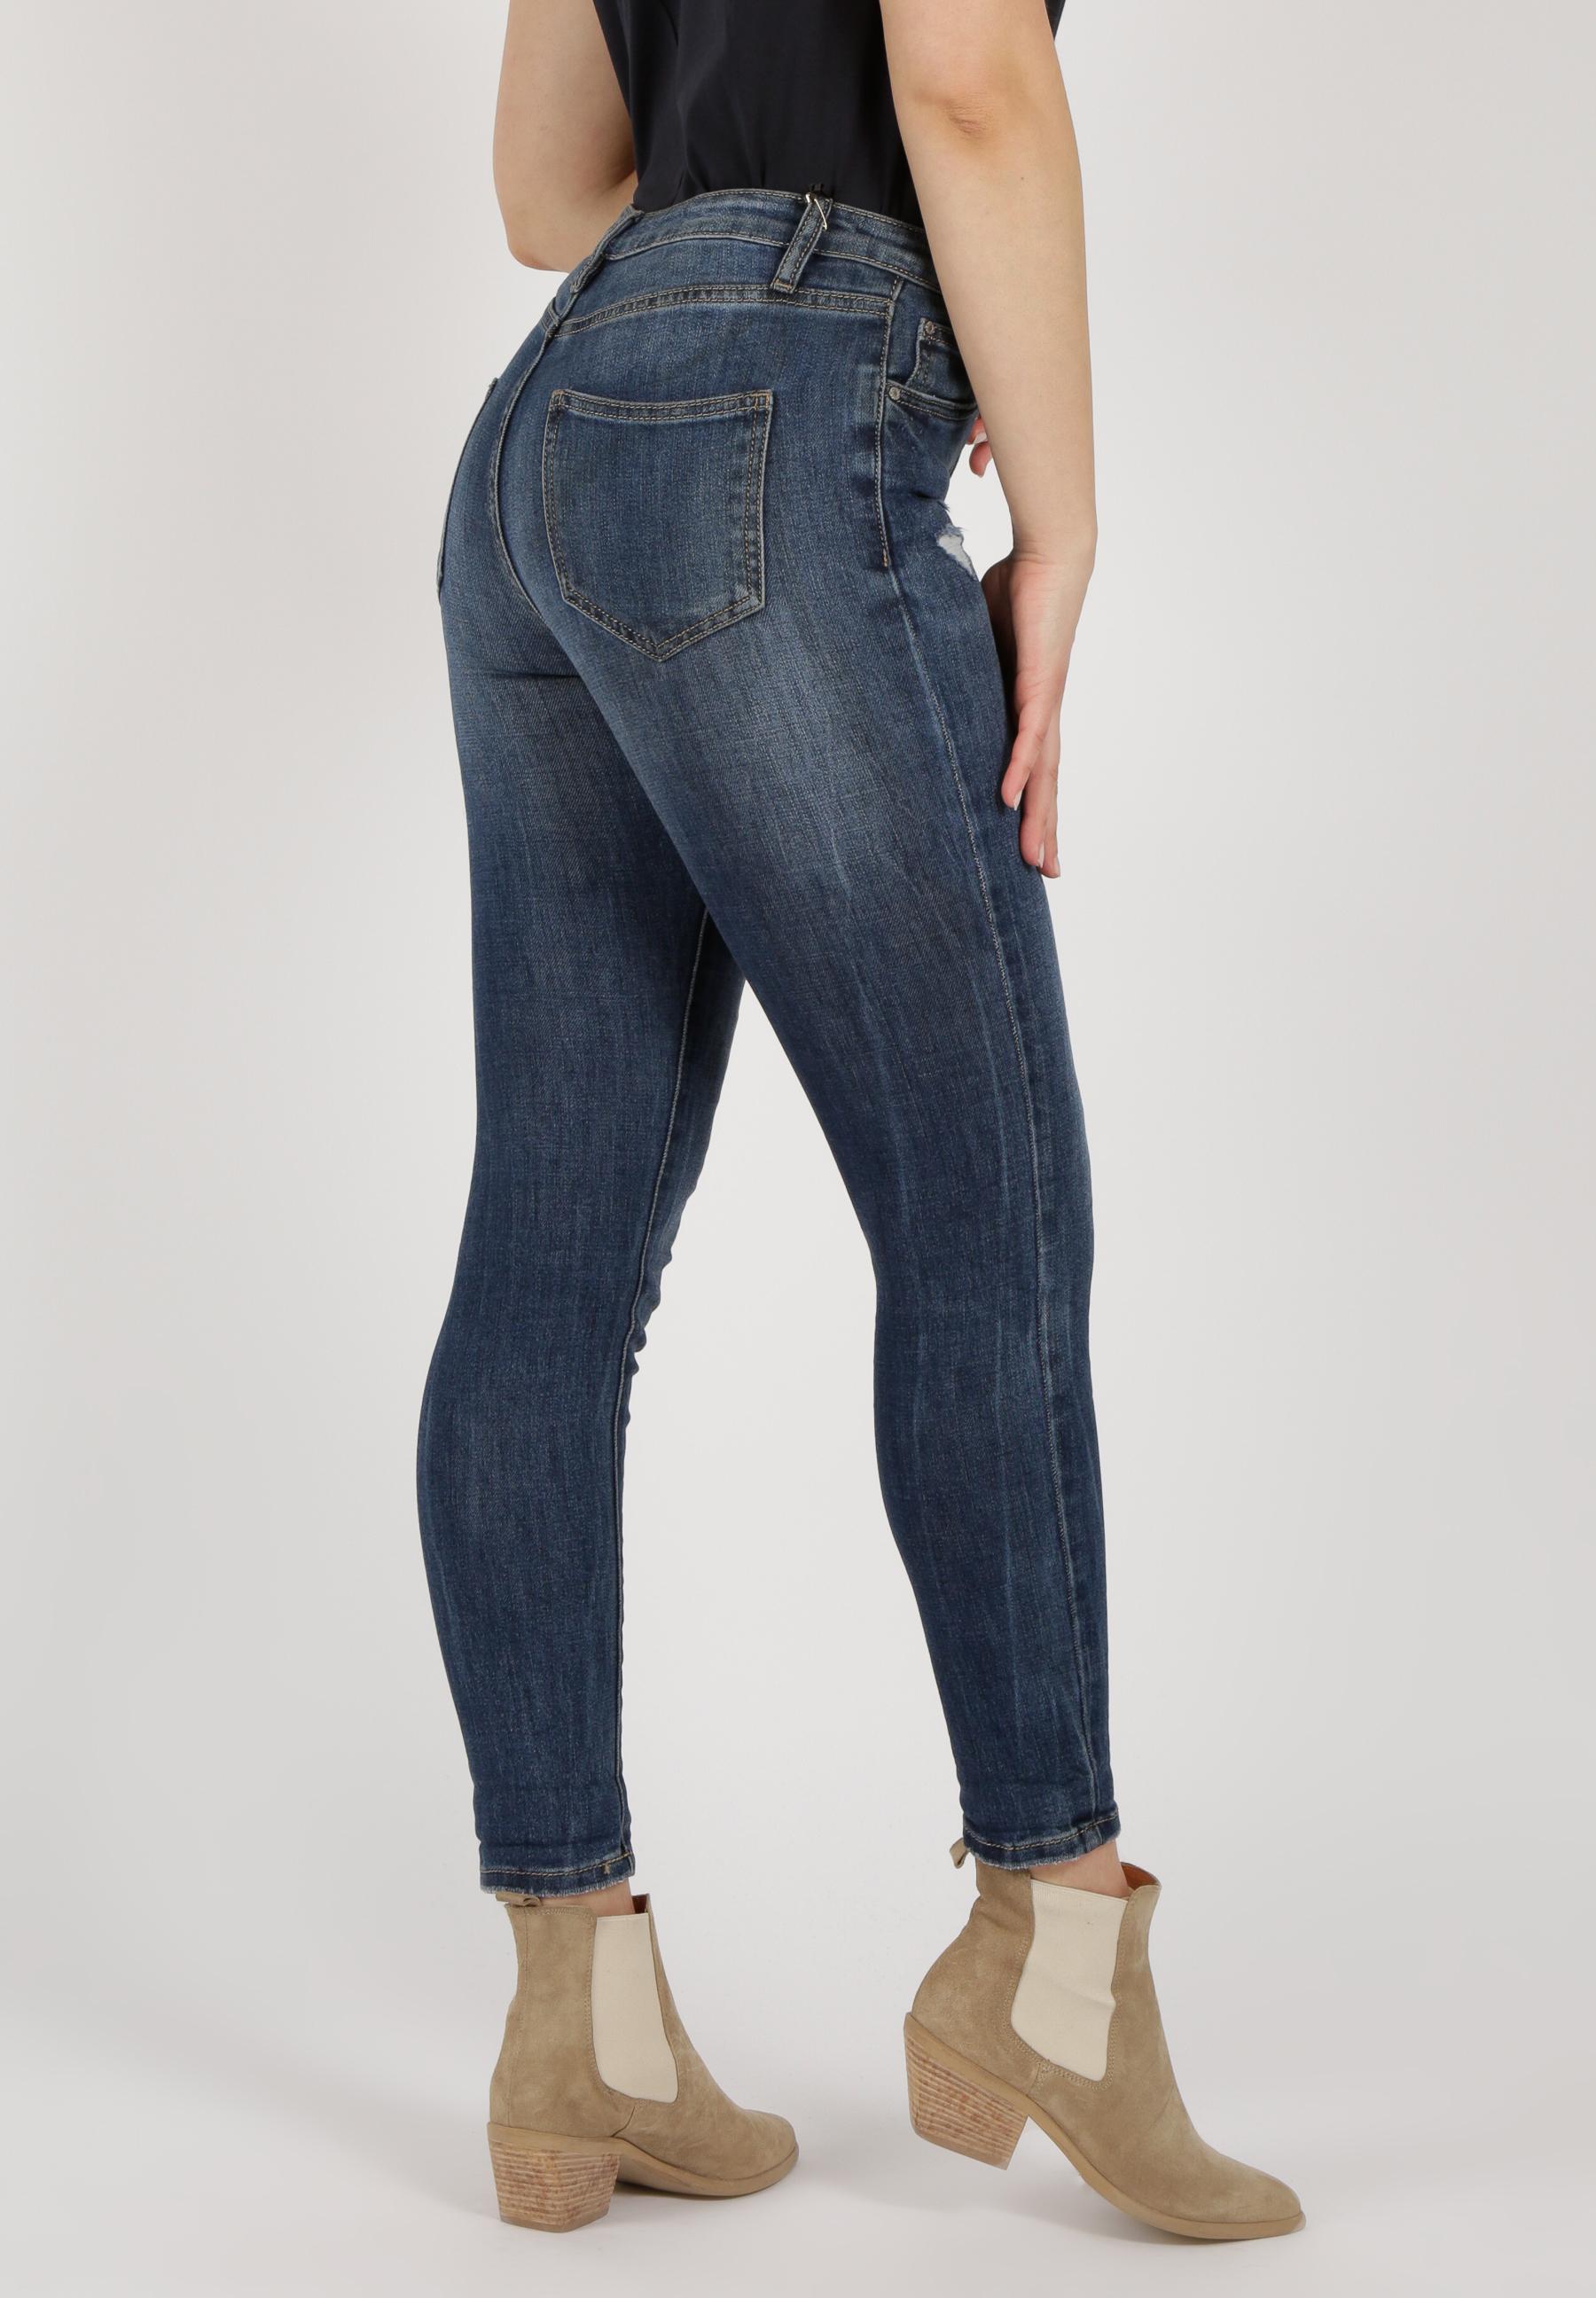 MiaZAYA Denim Skinny Jeans